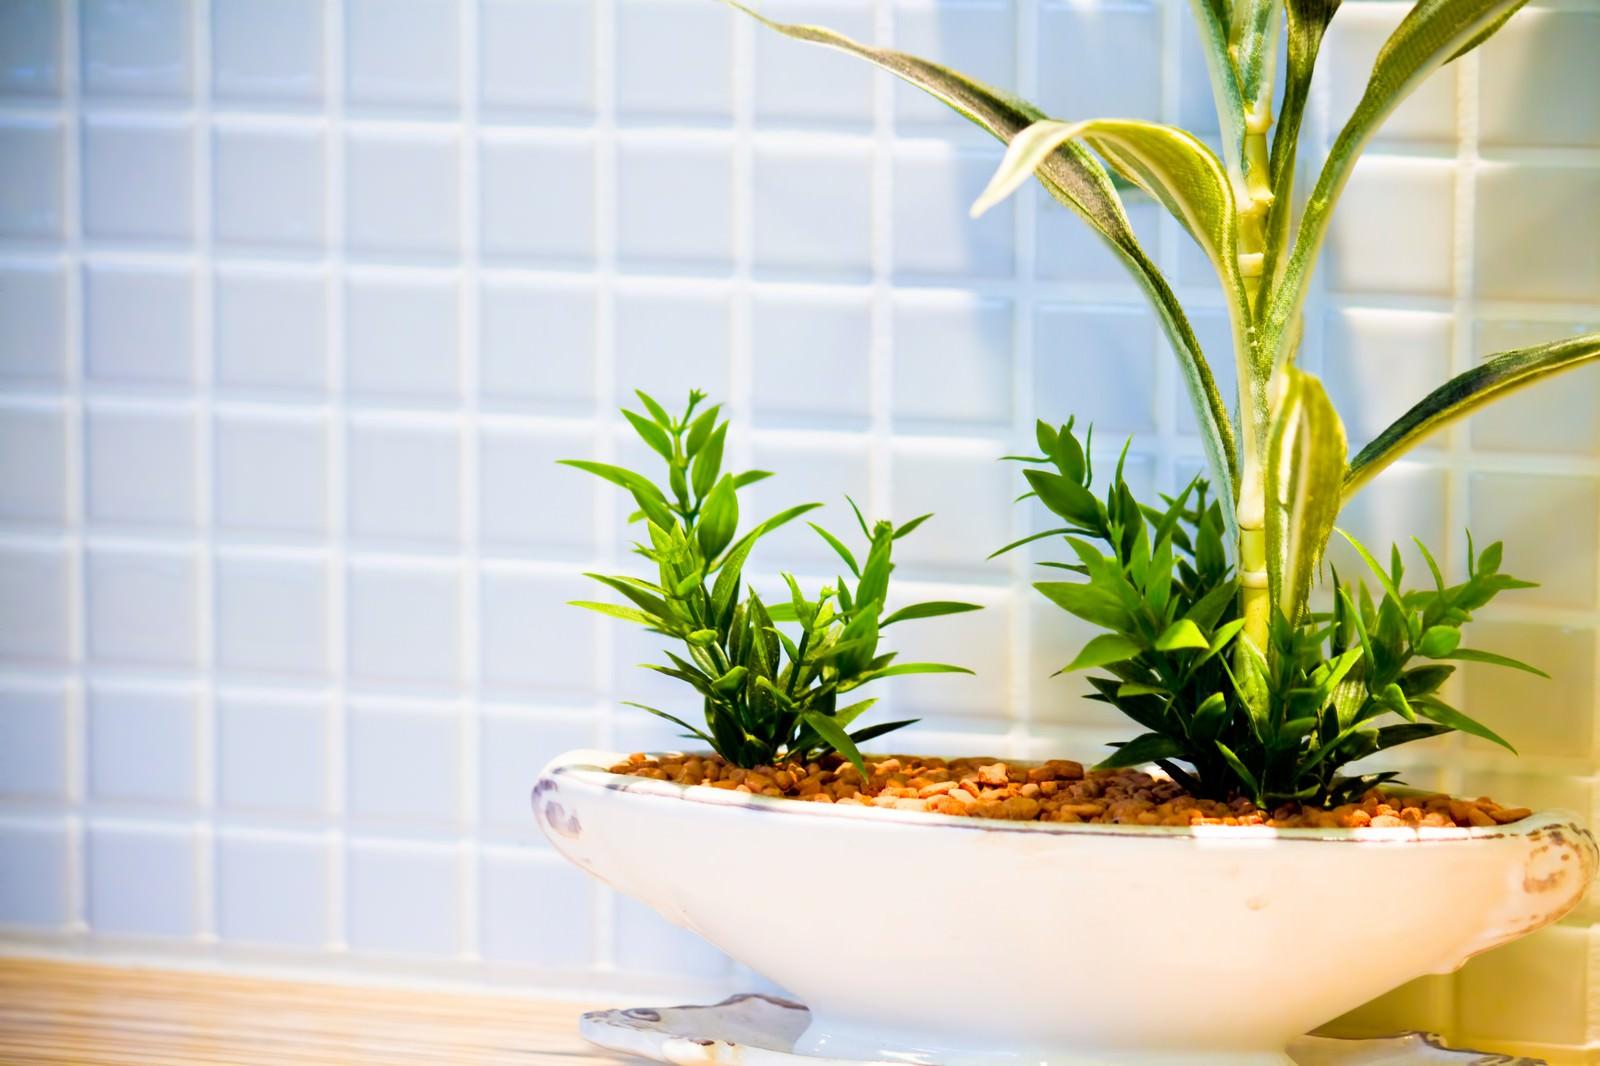 「清潔感あるタイルと観葉植物清潔感あるタイルと観葉植物」のフリー写真素材を拡大